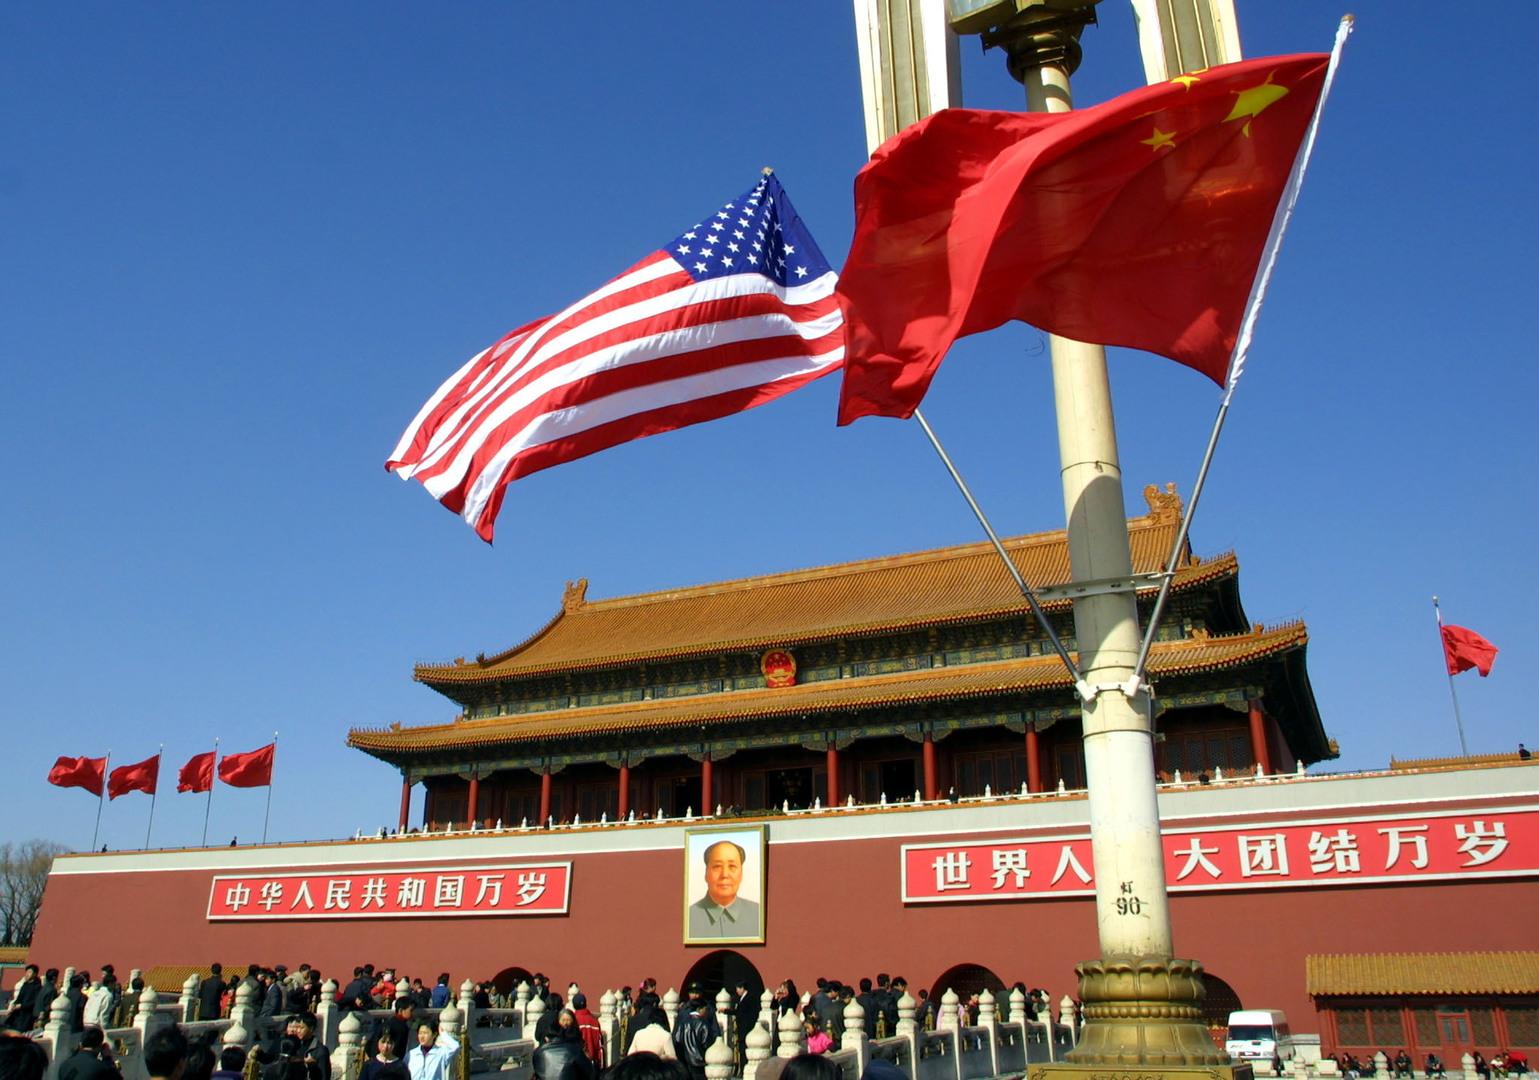 الصين: الولايات المتحدة مسؤولة عن تصاعد التوتر بشأن تايوان